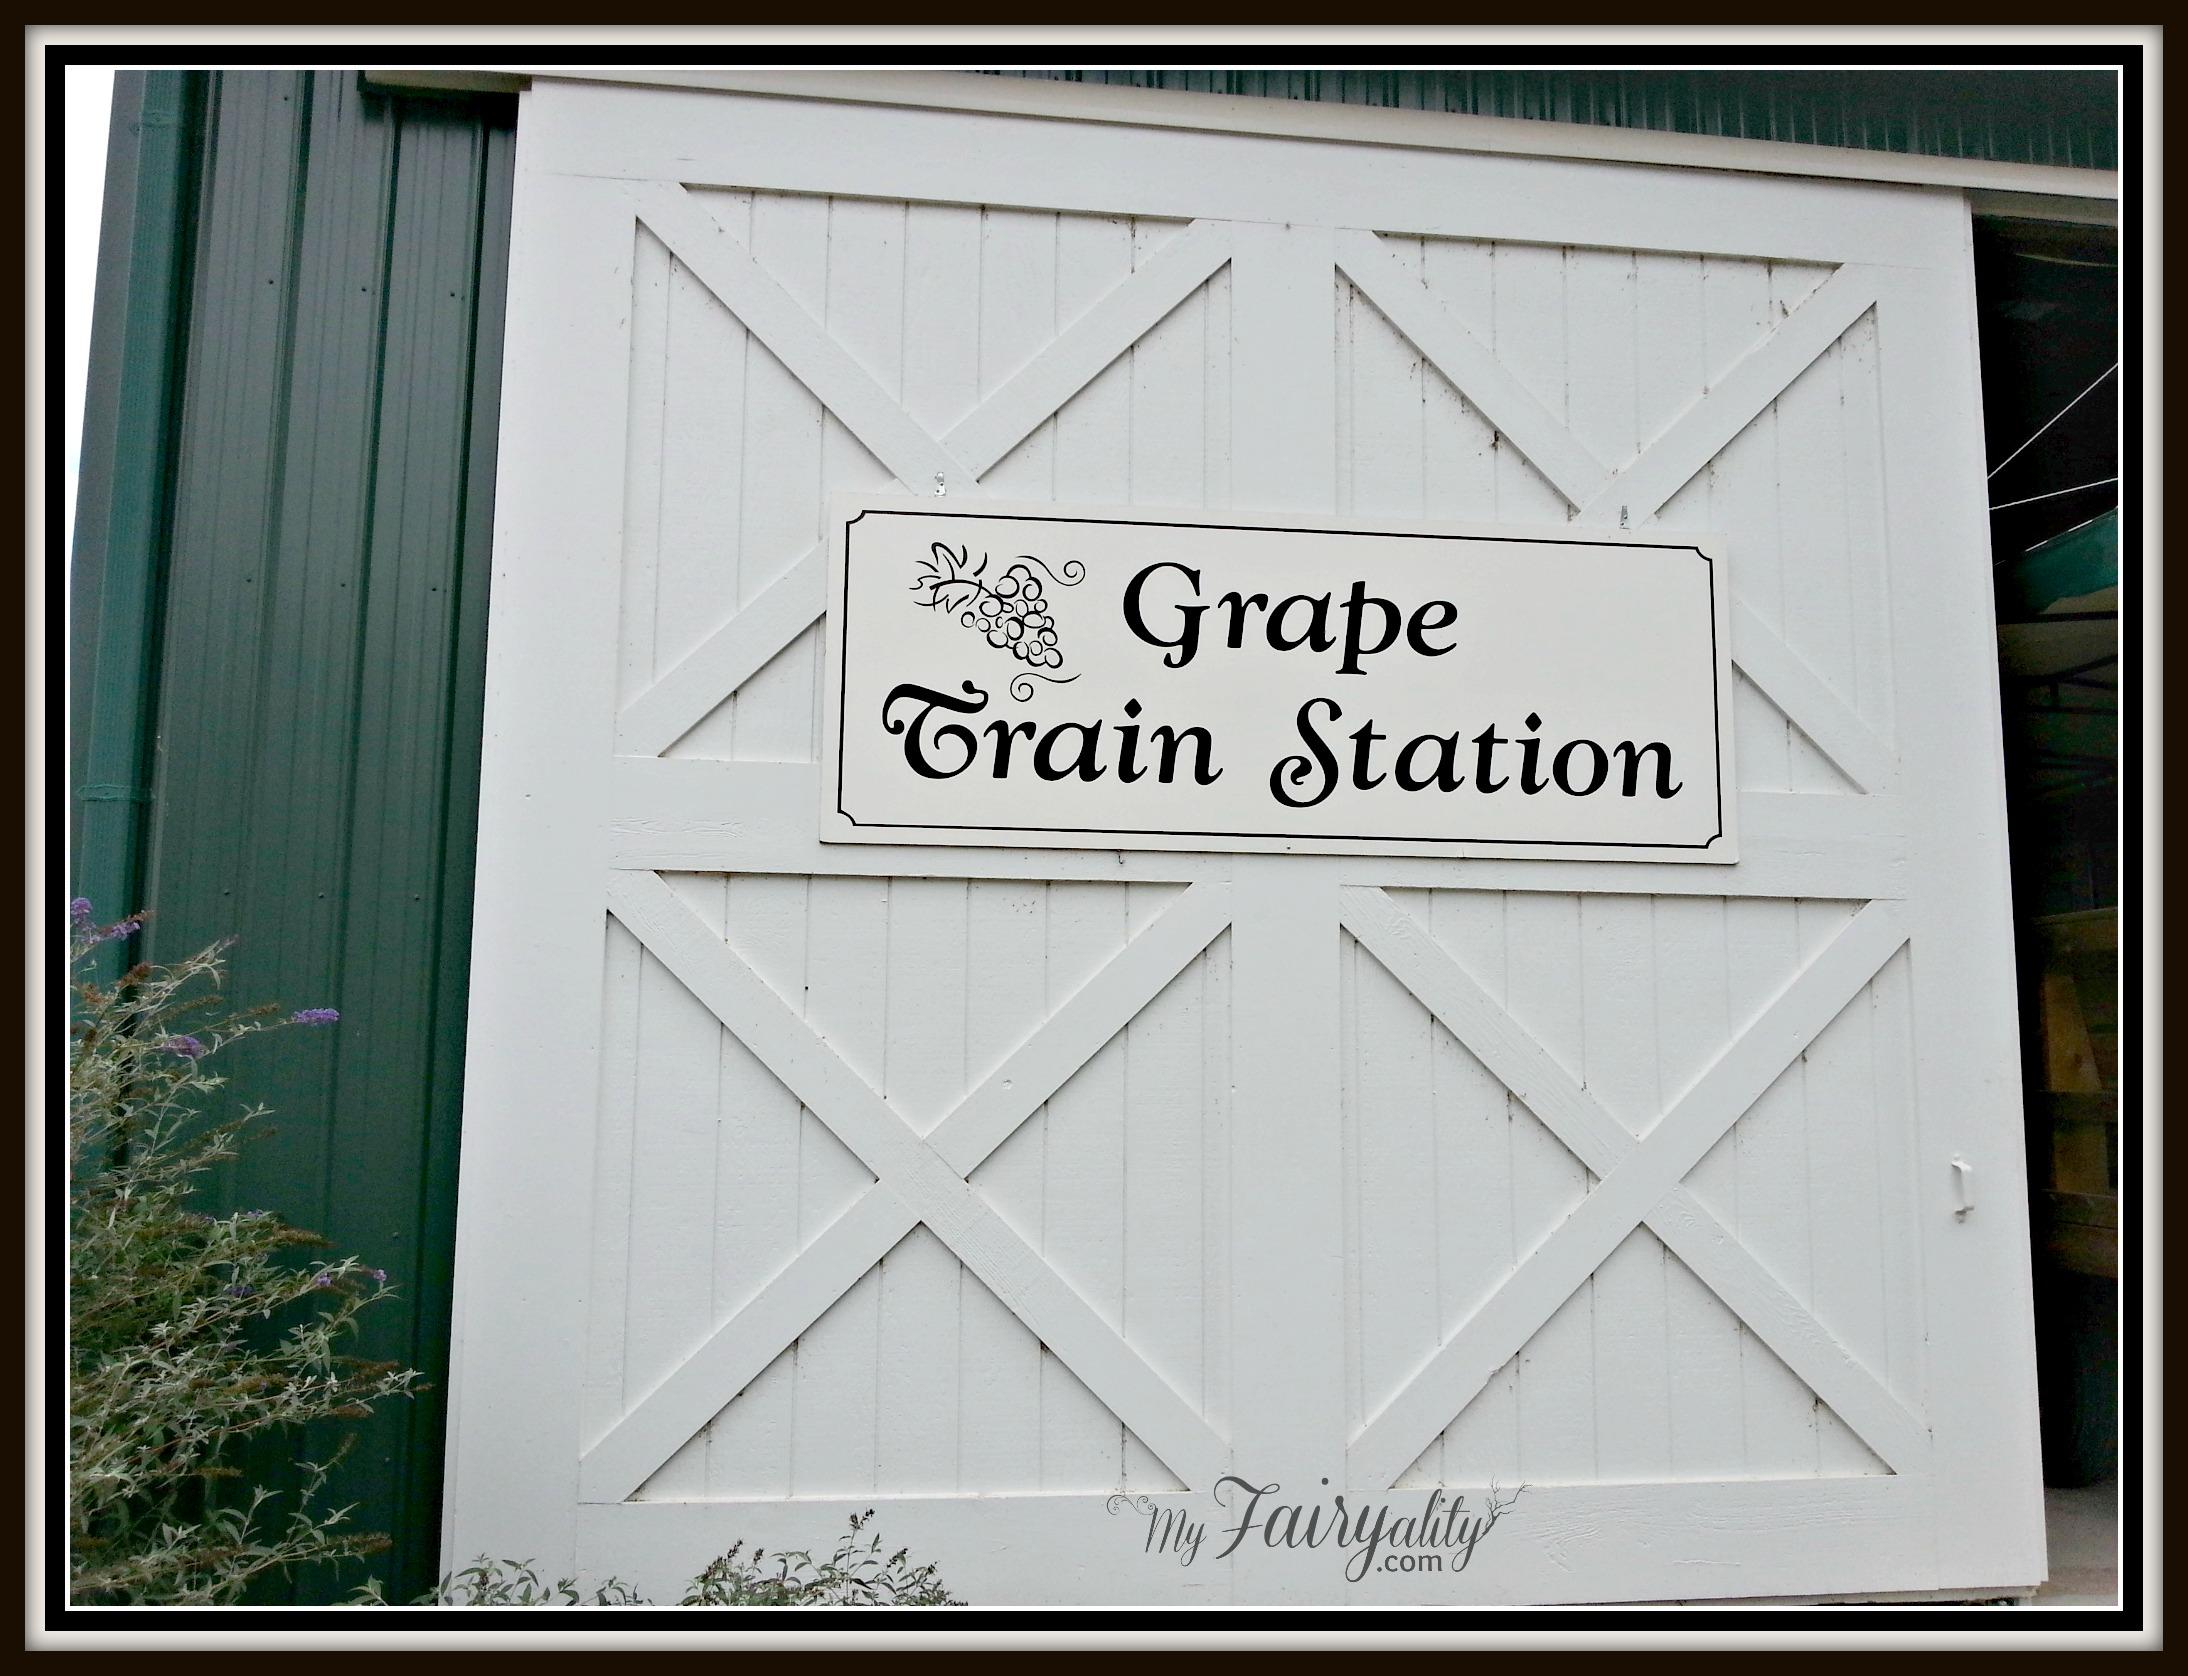 grape train